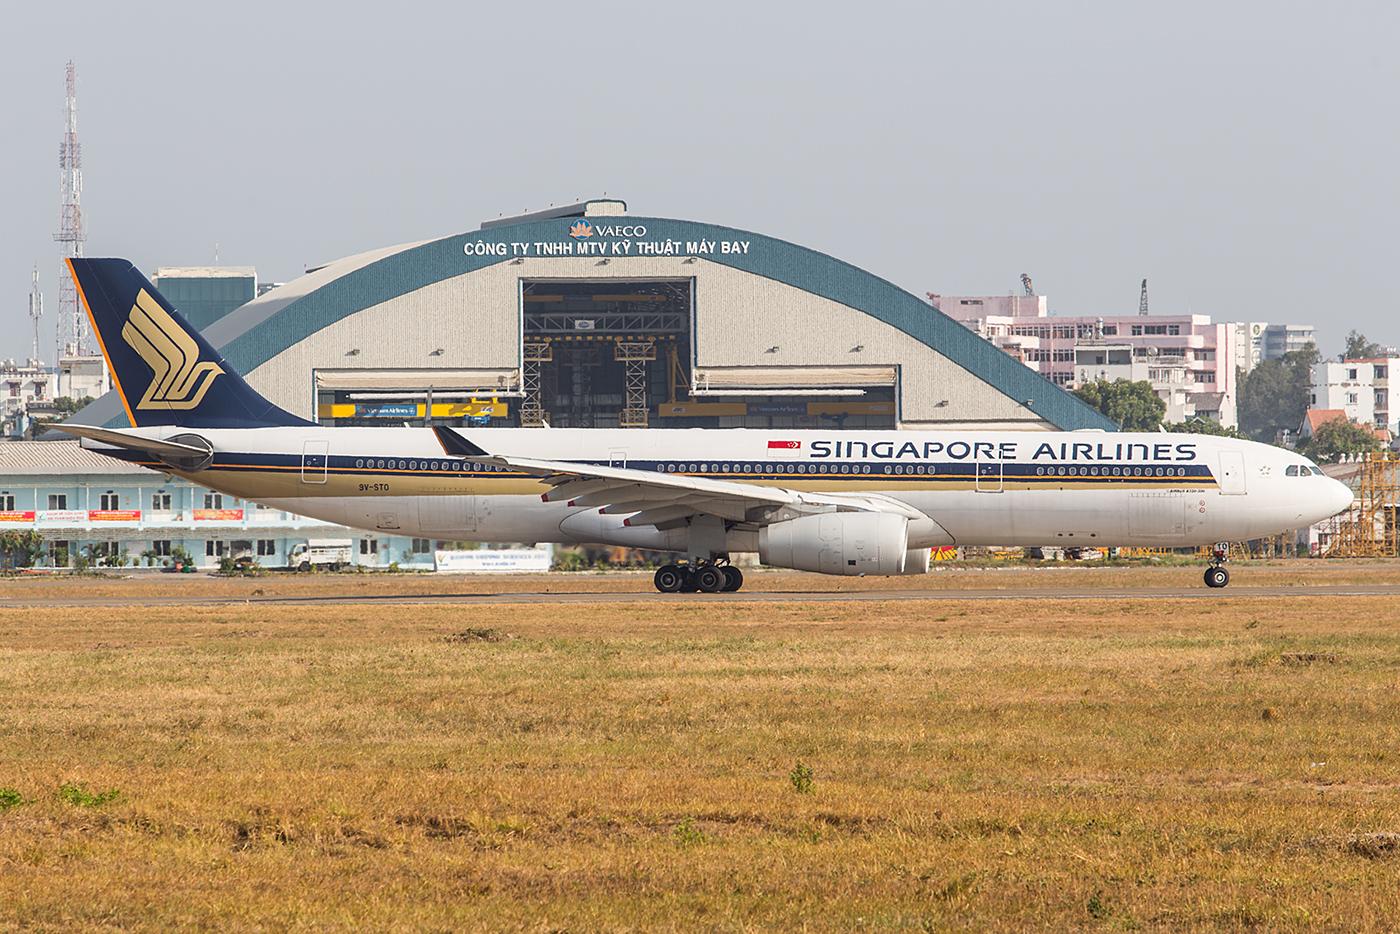 Die A330 sind die kleinsten Maschinen in der Flotte der Singapore Airlines.